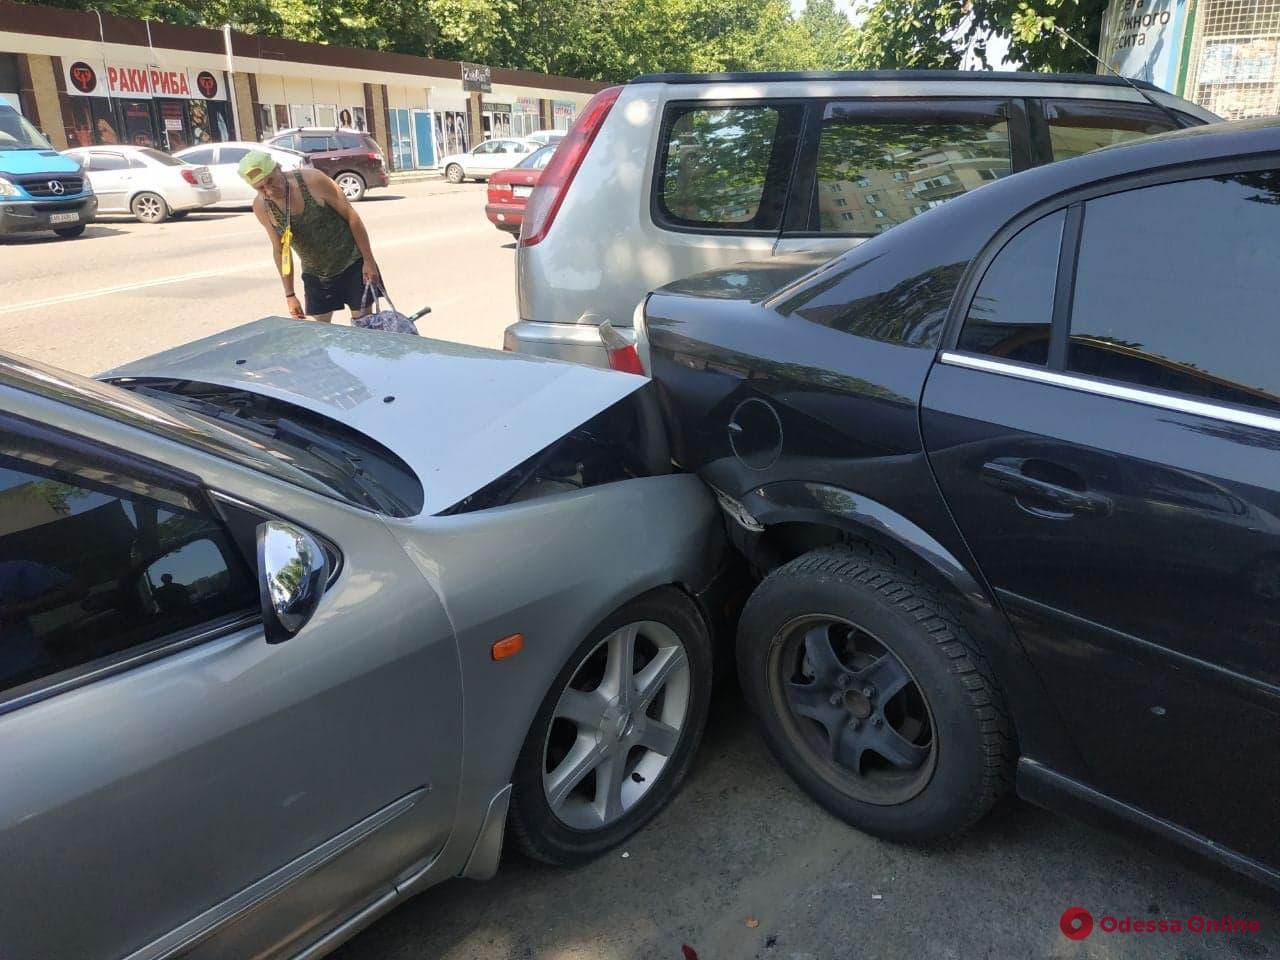 Эффект домино: на Бочарова маршрутка въехала в припаркованные авто